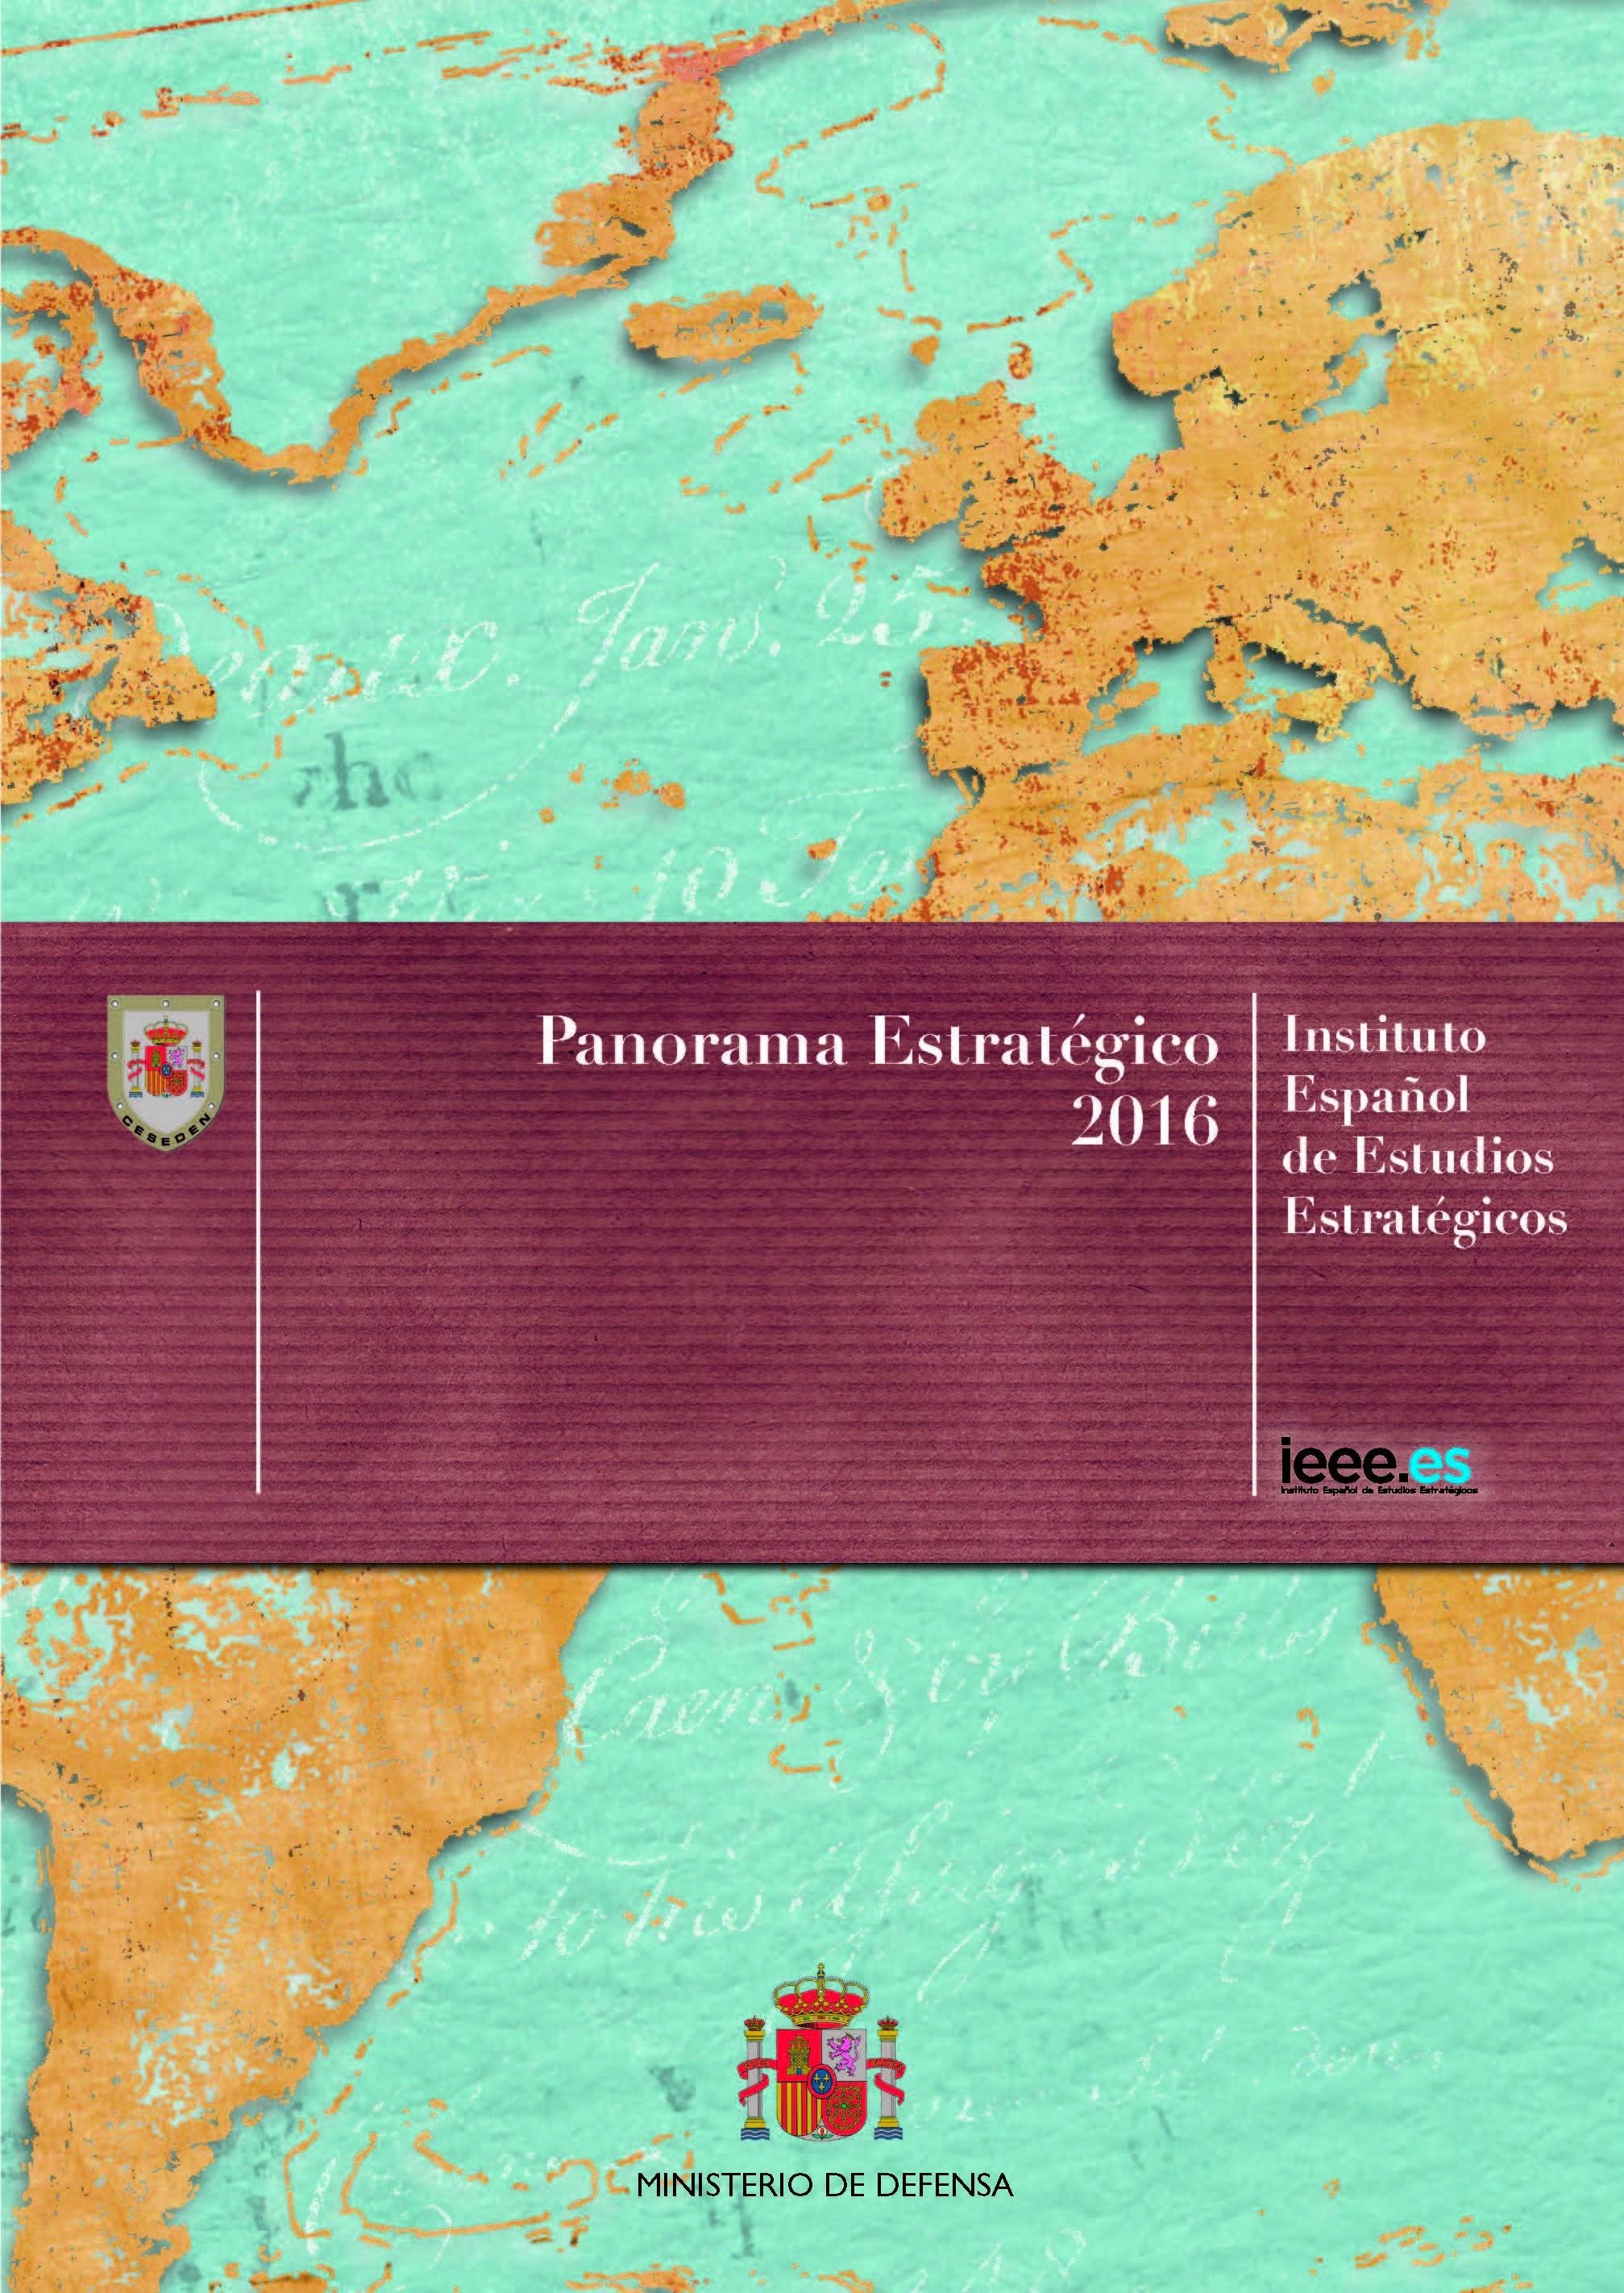 PANORAMA ESTRATÉGICO 2016